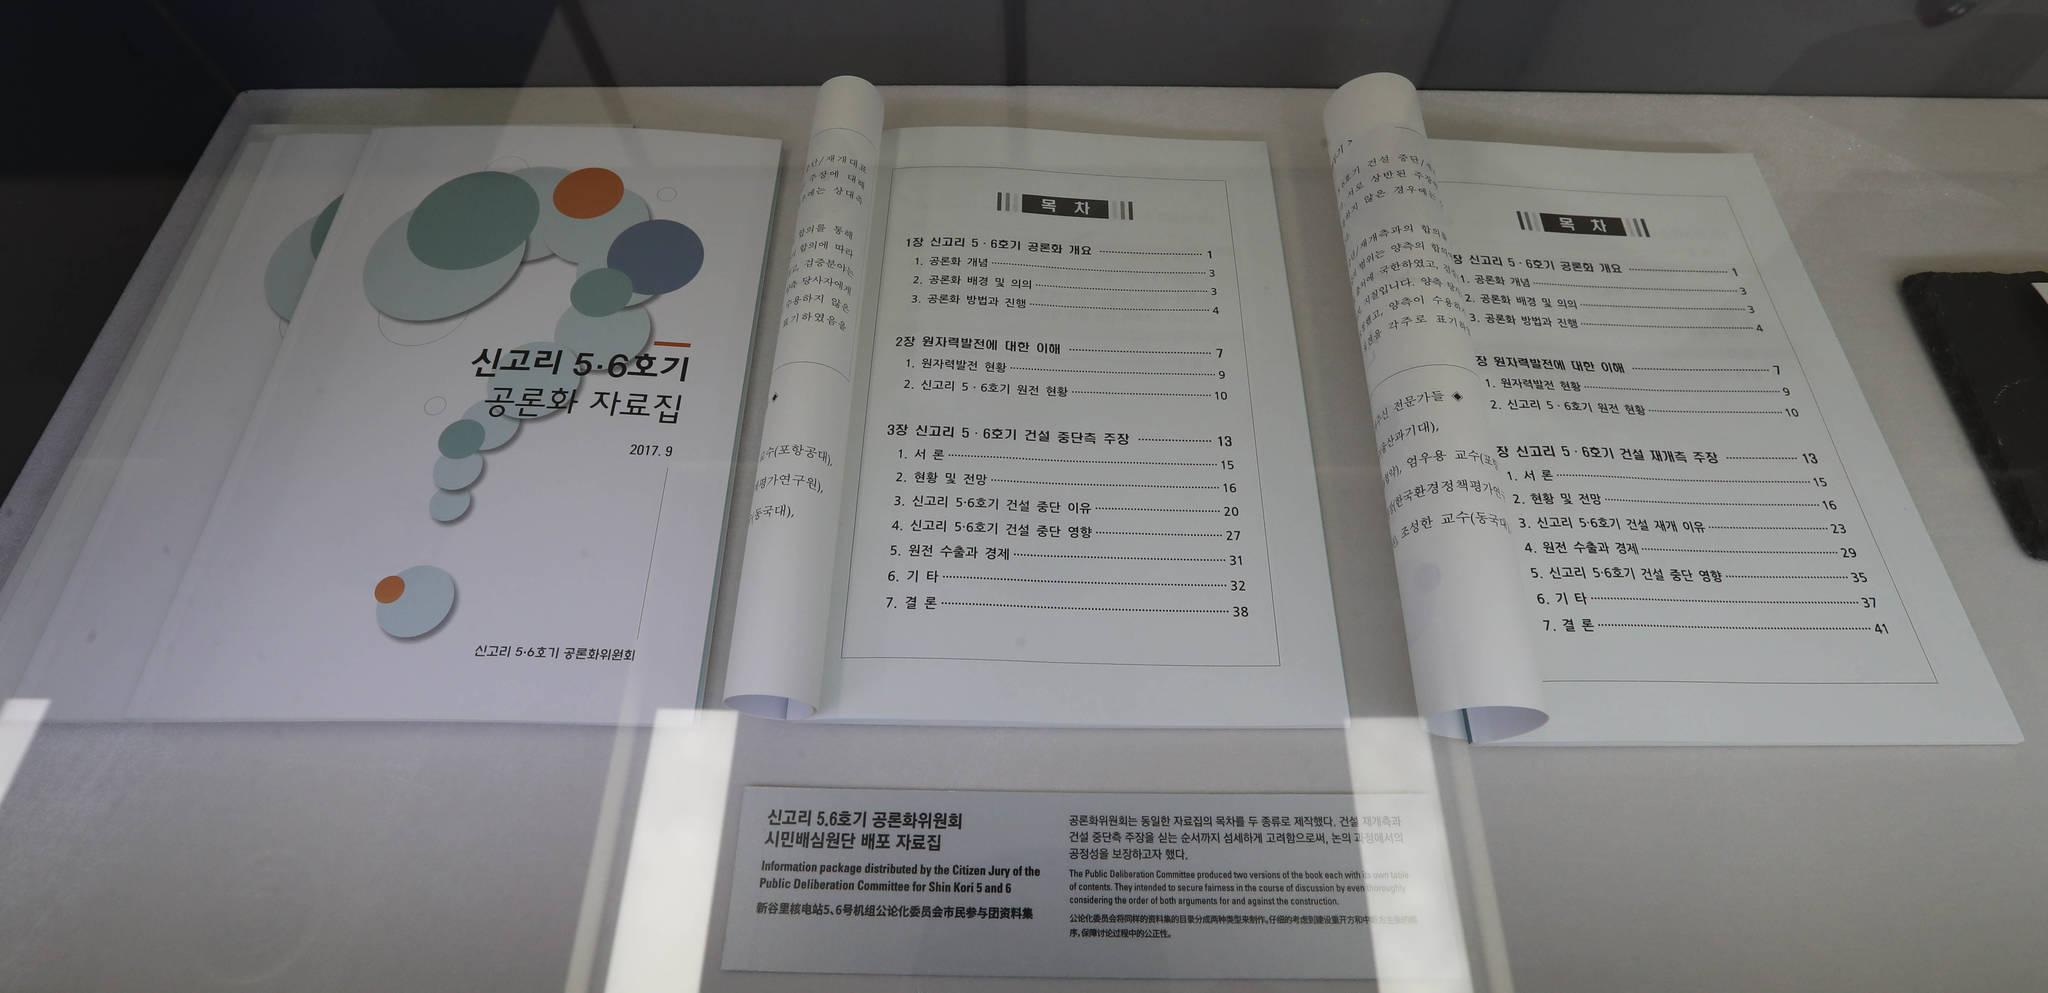 신고리 5,6호기 공론화위원회 시민참여단 배포자료집. 신인섭 기자